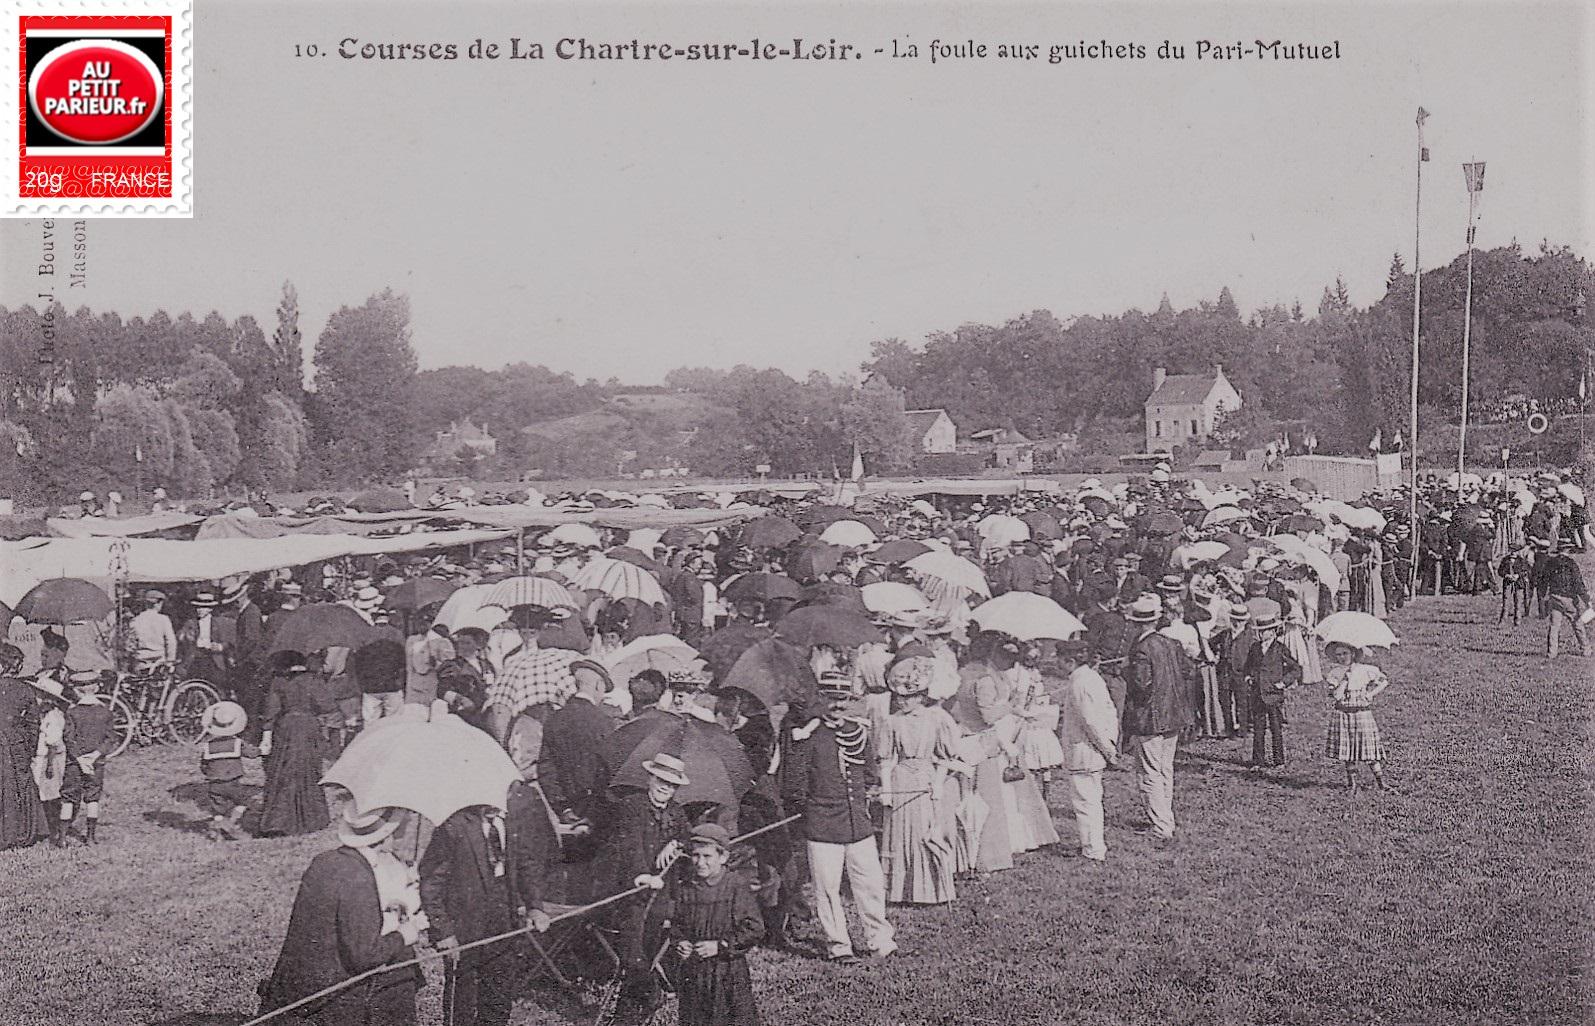 Vincennes prix de la chartre sur le loir au petit parieur - La chartre sur le loire ...